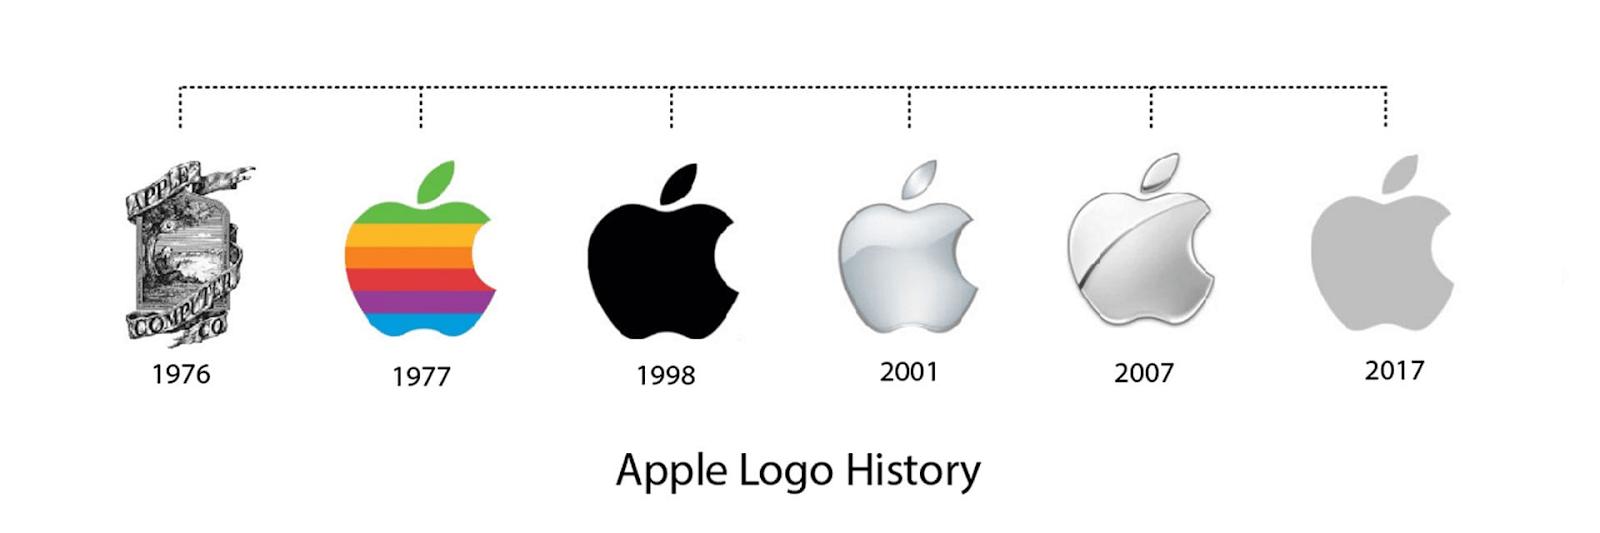 logotipo de apple al largo de los años